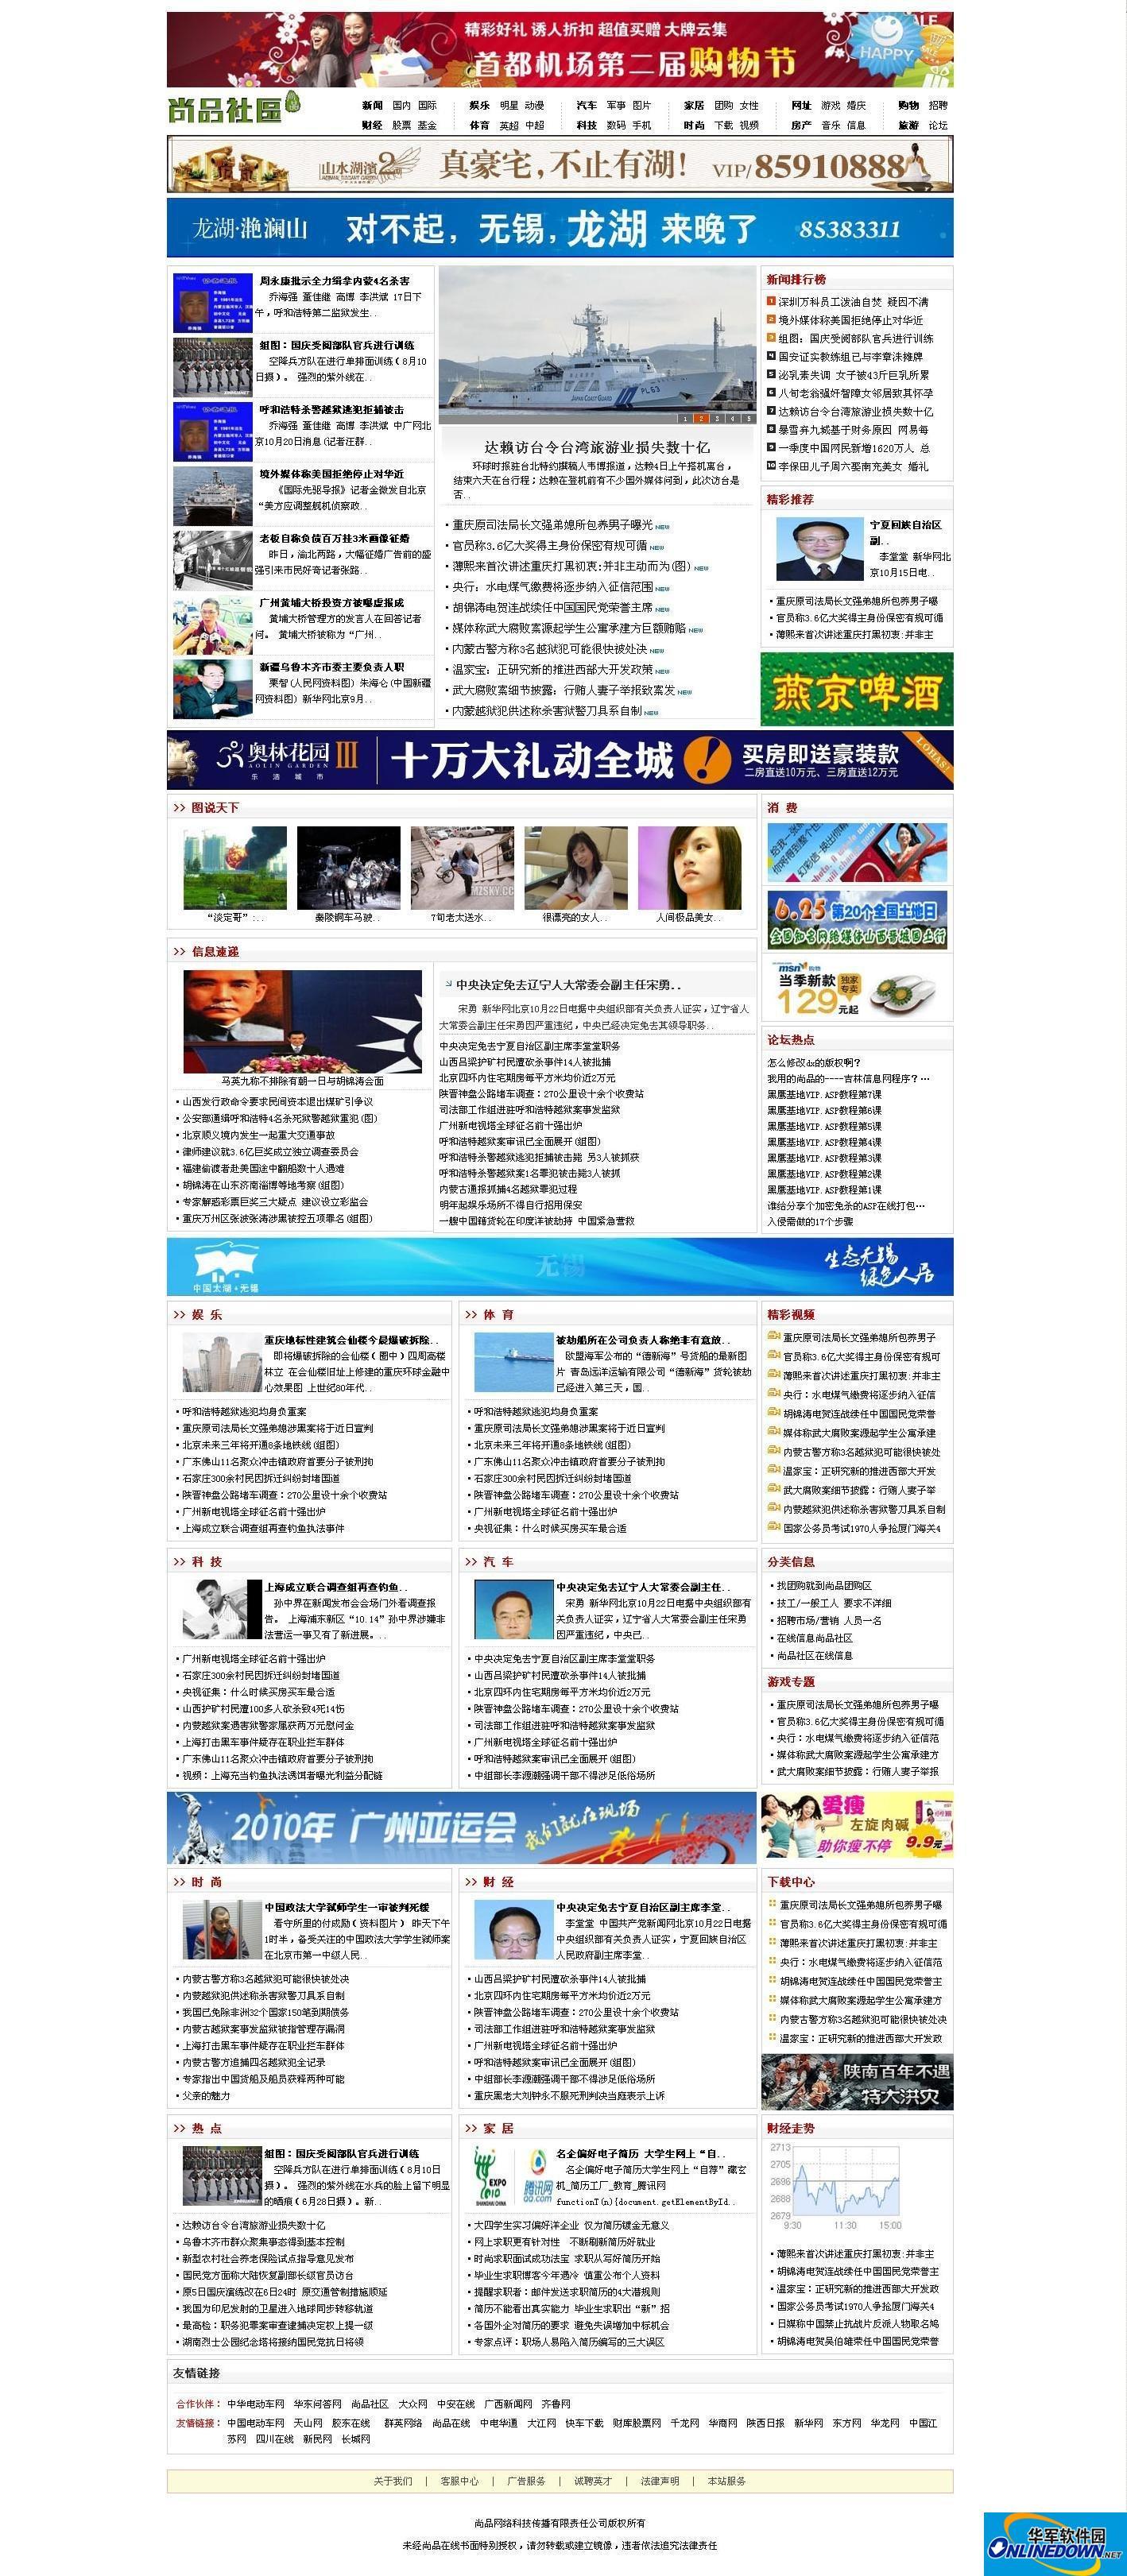 尚品在线综合门户 php168系统   升级版